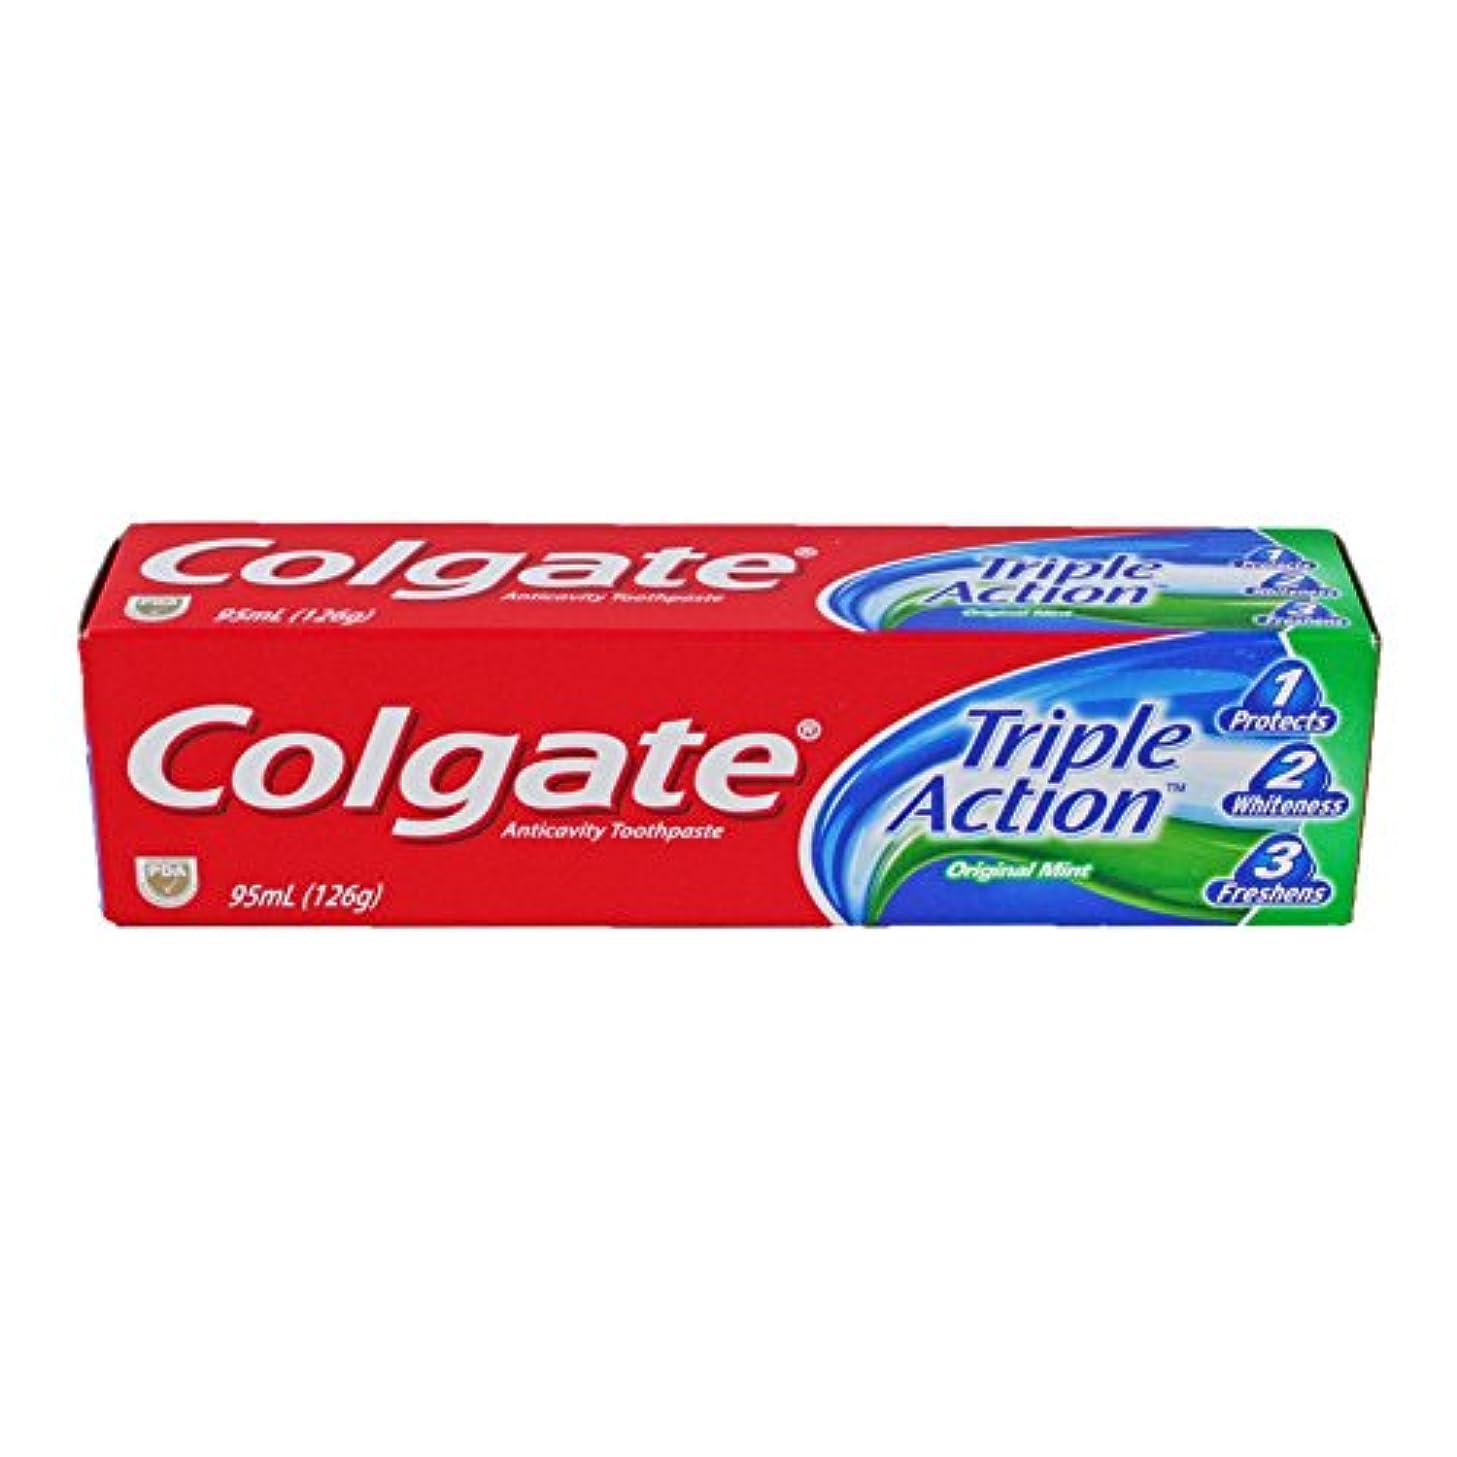 ショッピングセンター合理化平和的■歯磨き粉 コルゲート/Colgate/Triple Action オーラルケア/美容 (95mL)126g [並行輸入品]